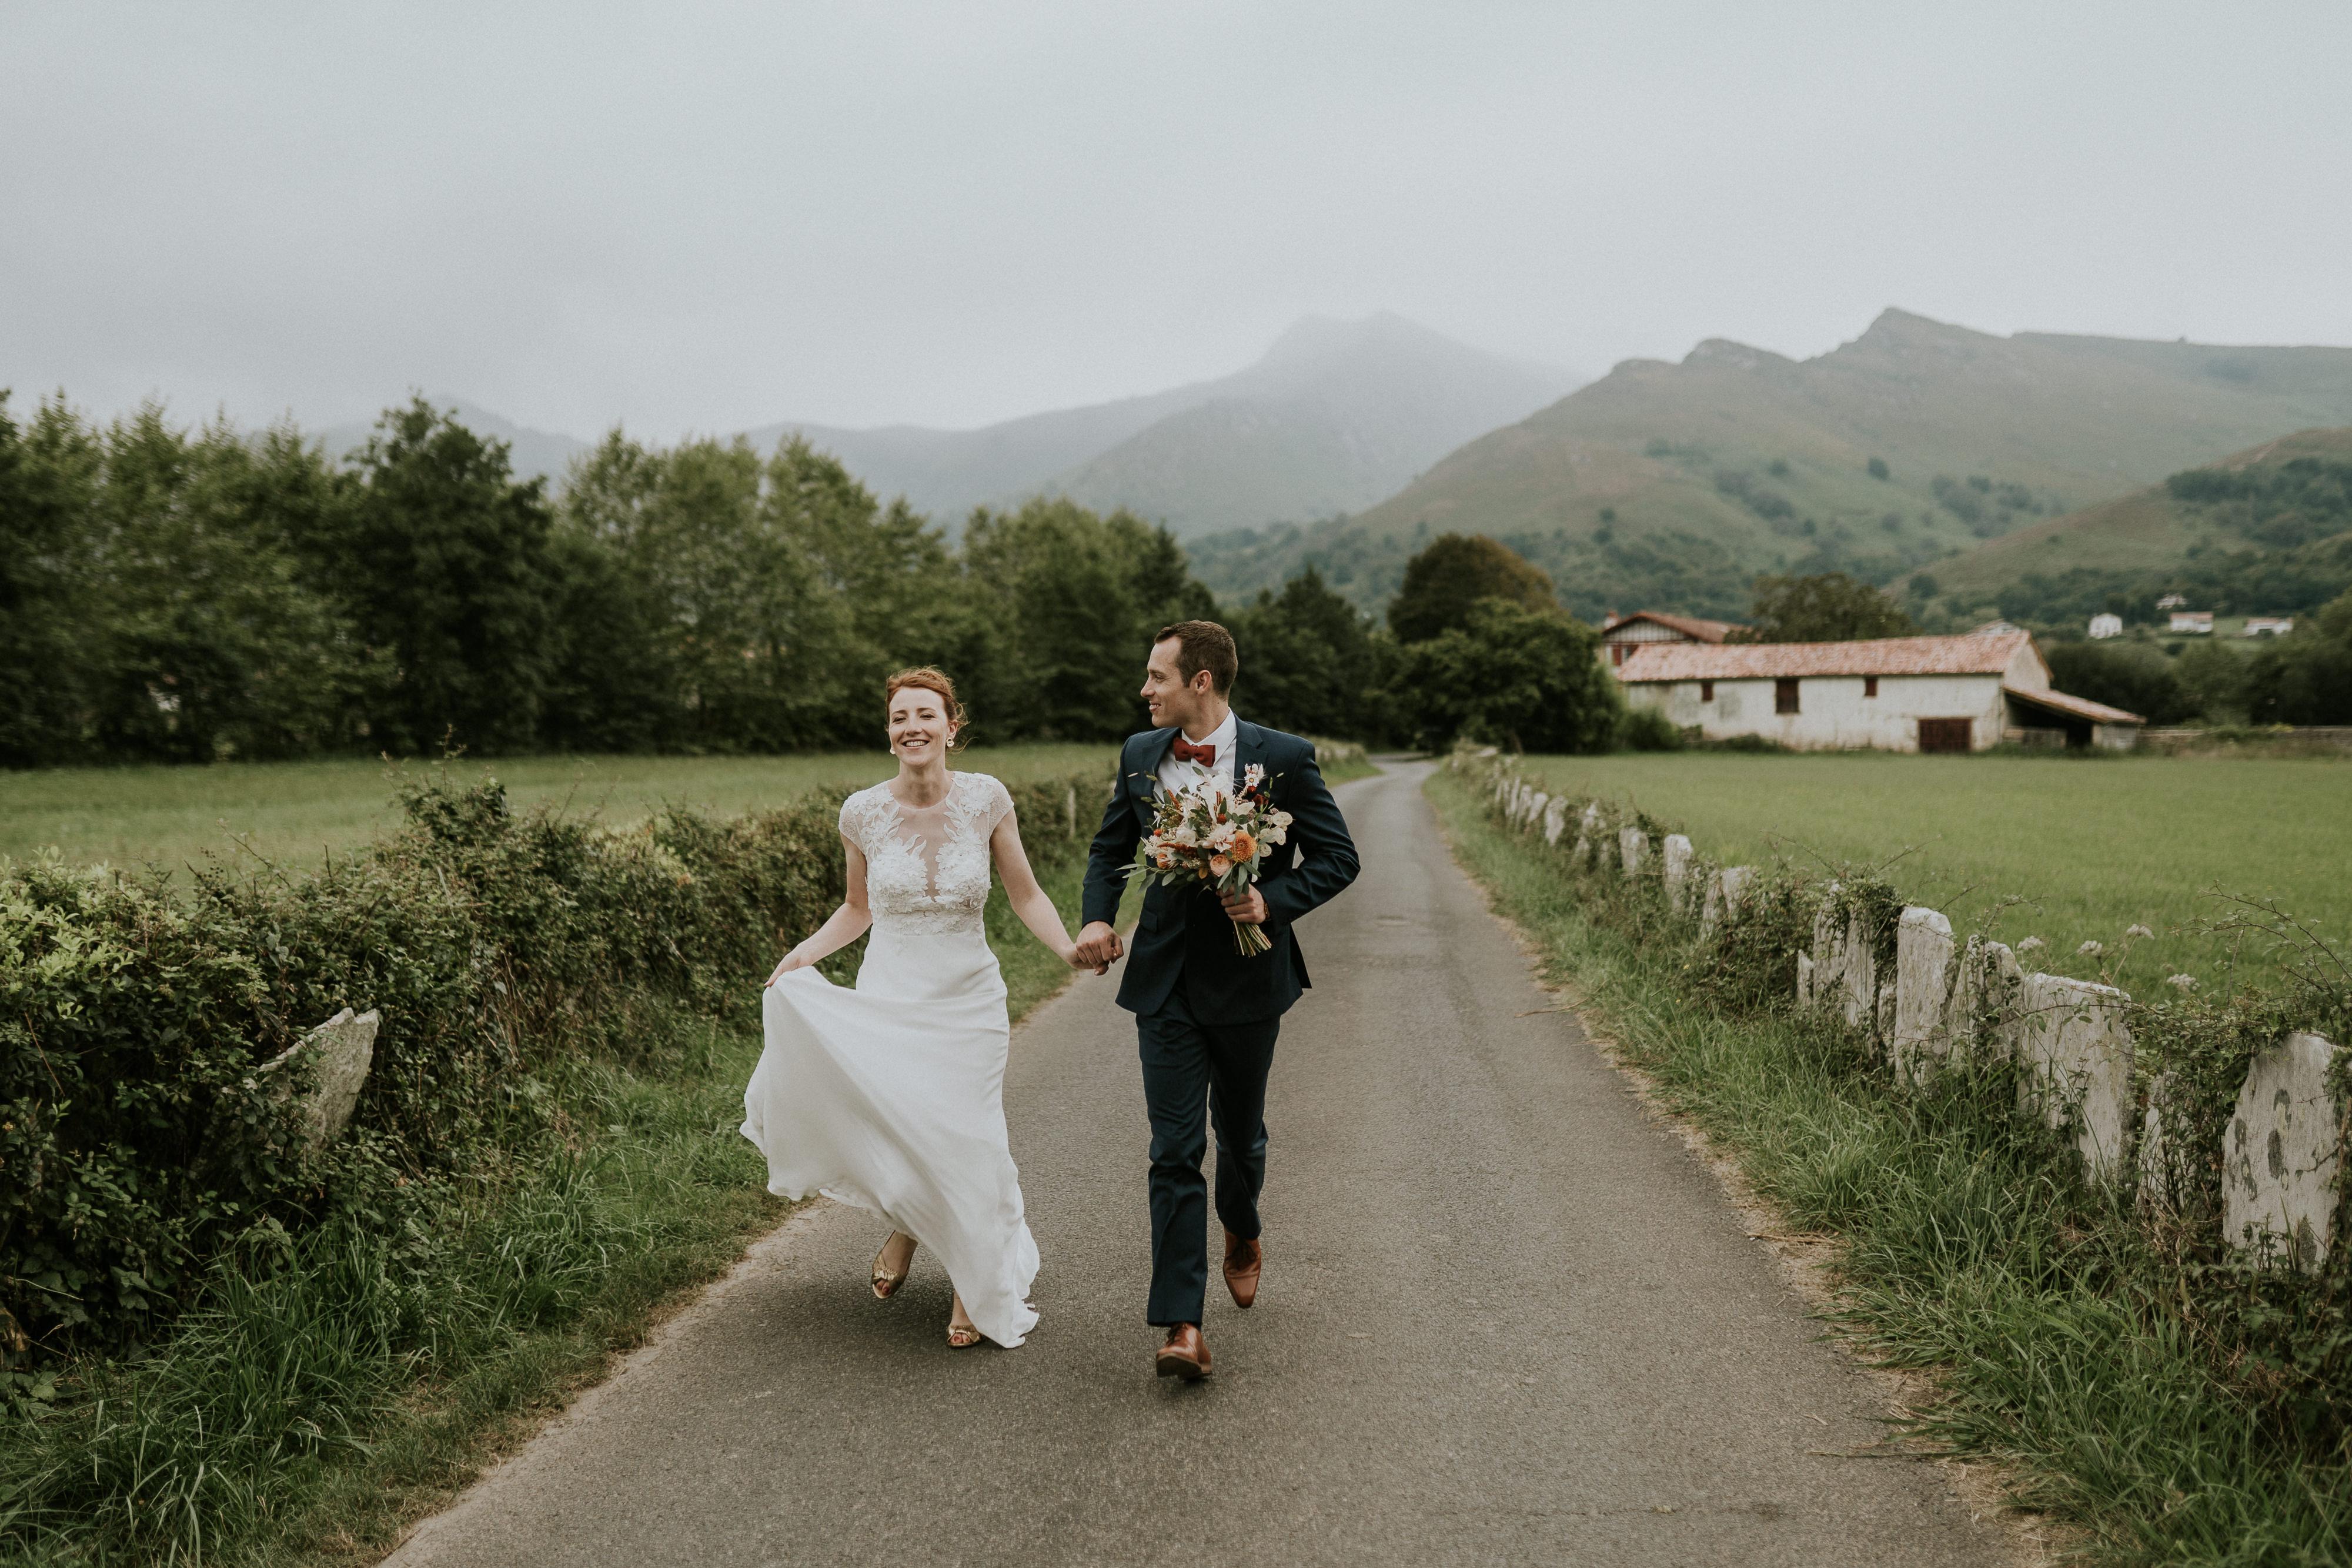 photographe-mariage-au-milieu-des-fougeres-sare-pays-basque